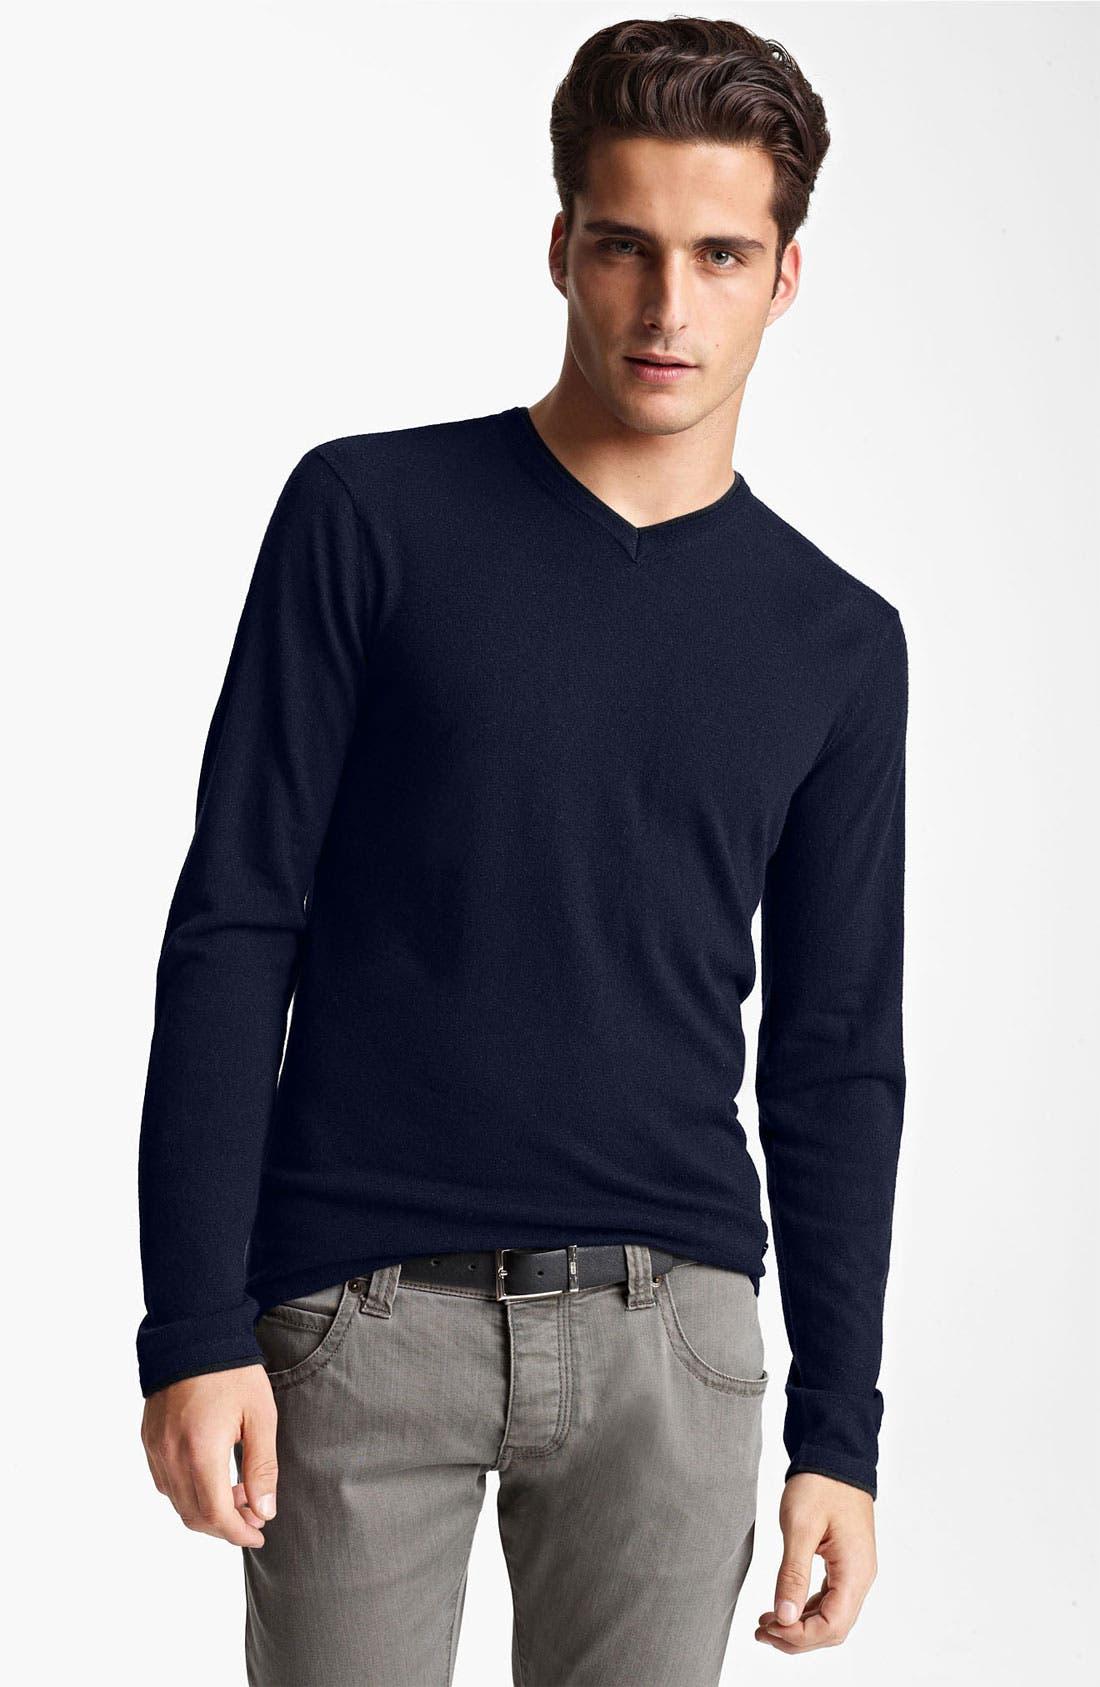 Alternate Image 1 Selected - Armani Collezioni V-Neck Cashmere Sweater